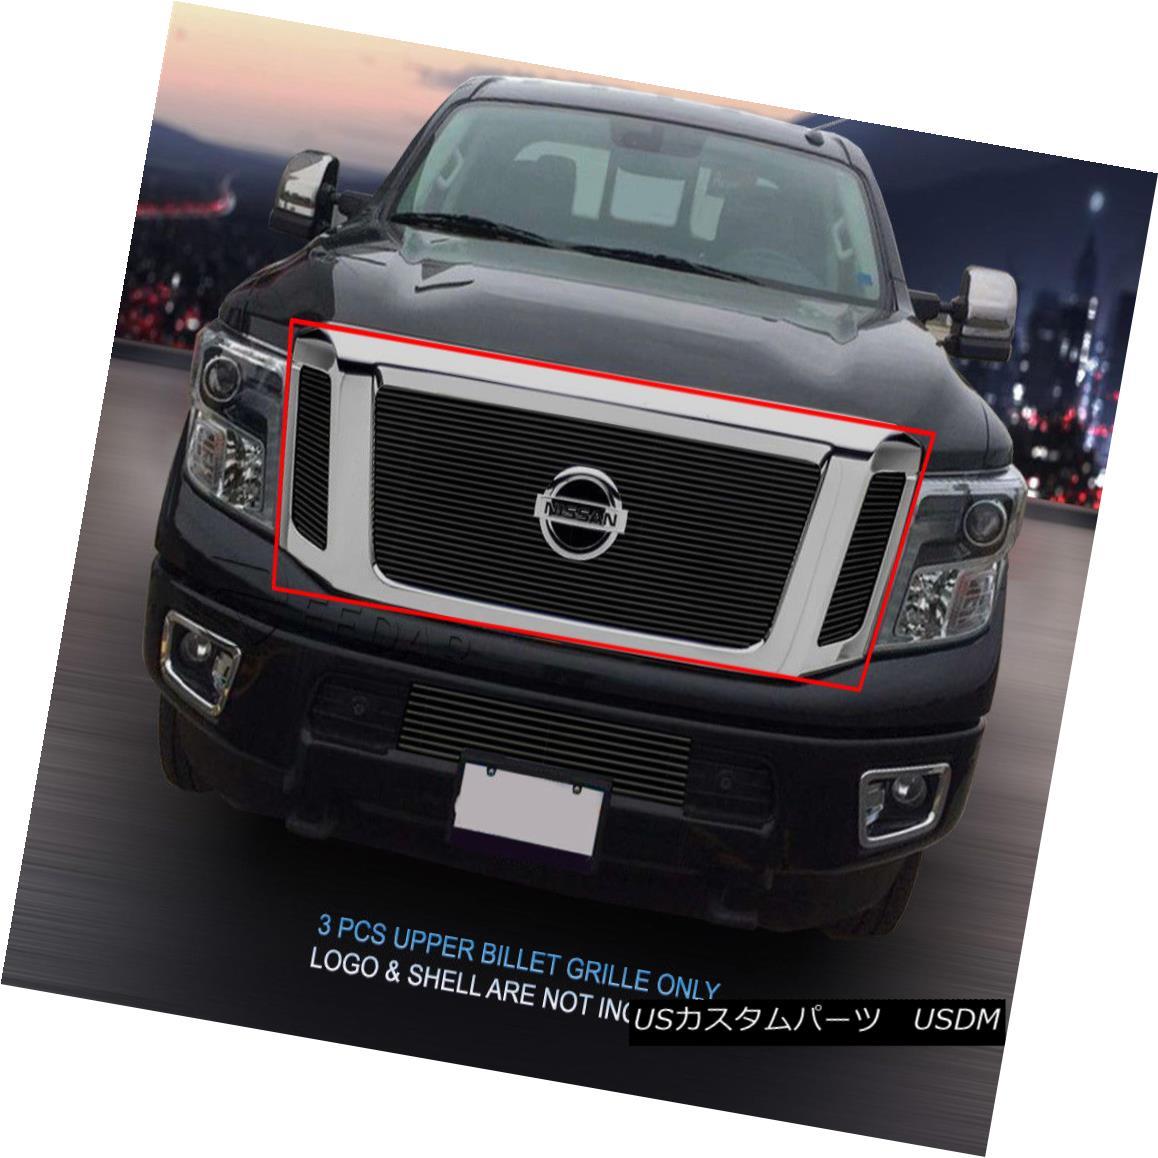 グリル Fedar Fits 2016 Nissan Titan Black Billet Grille Insert Fedarフィット2016 Nissan Titan Black Billet Grille Insert